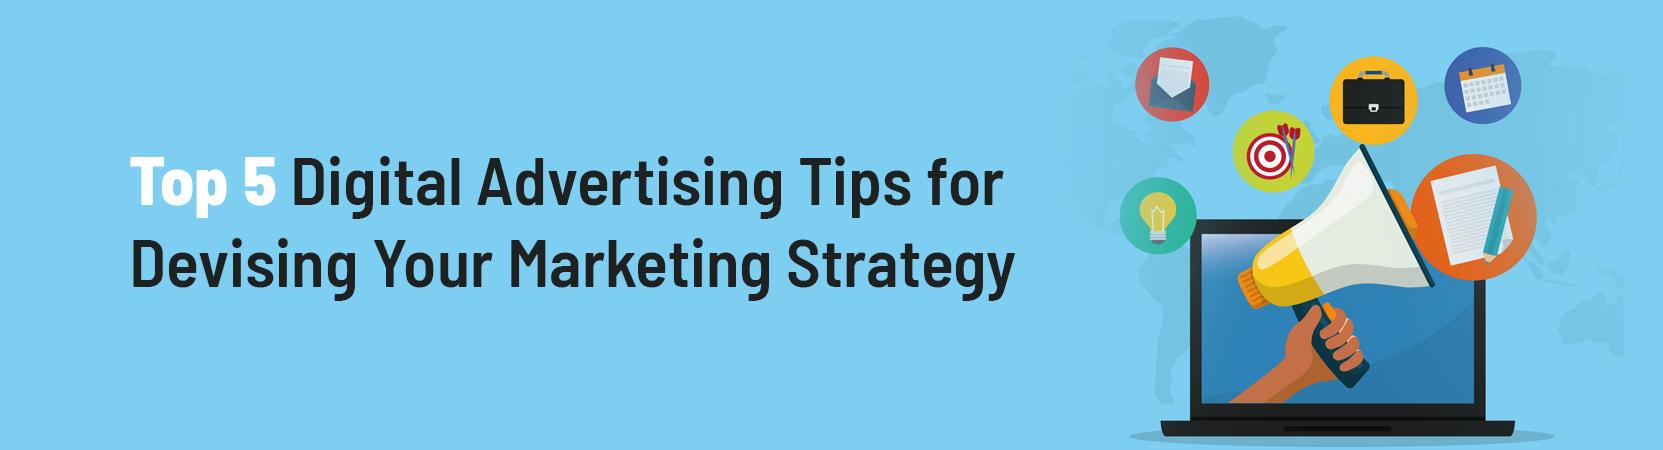 digital adverstising tips